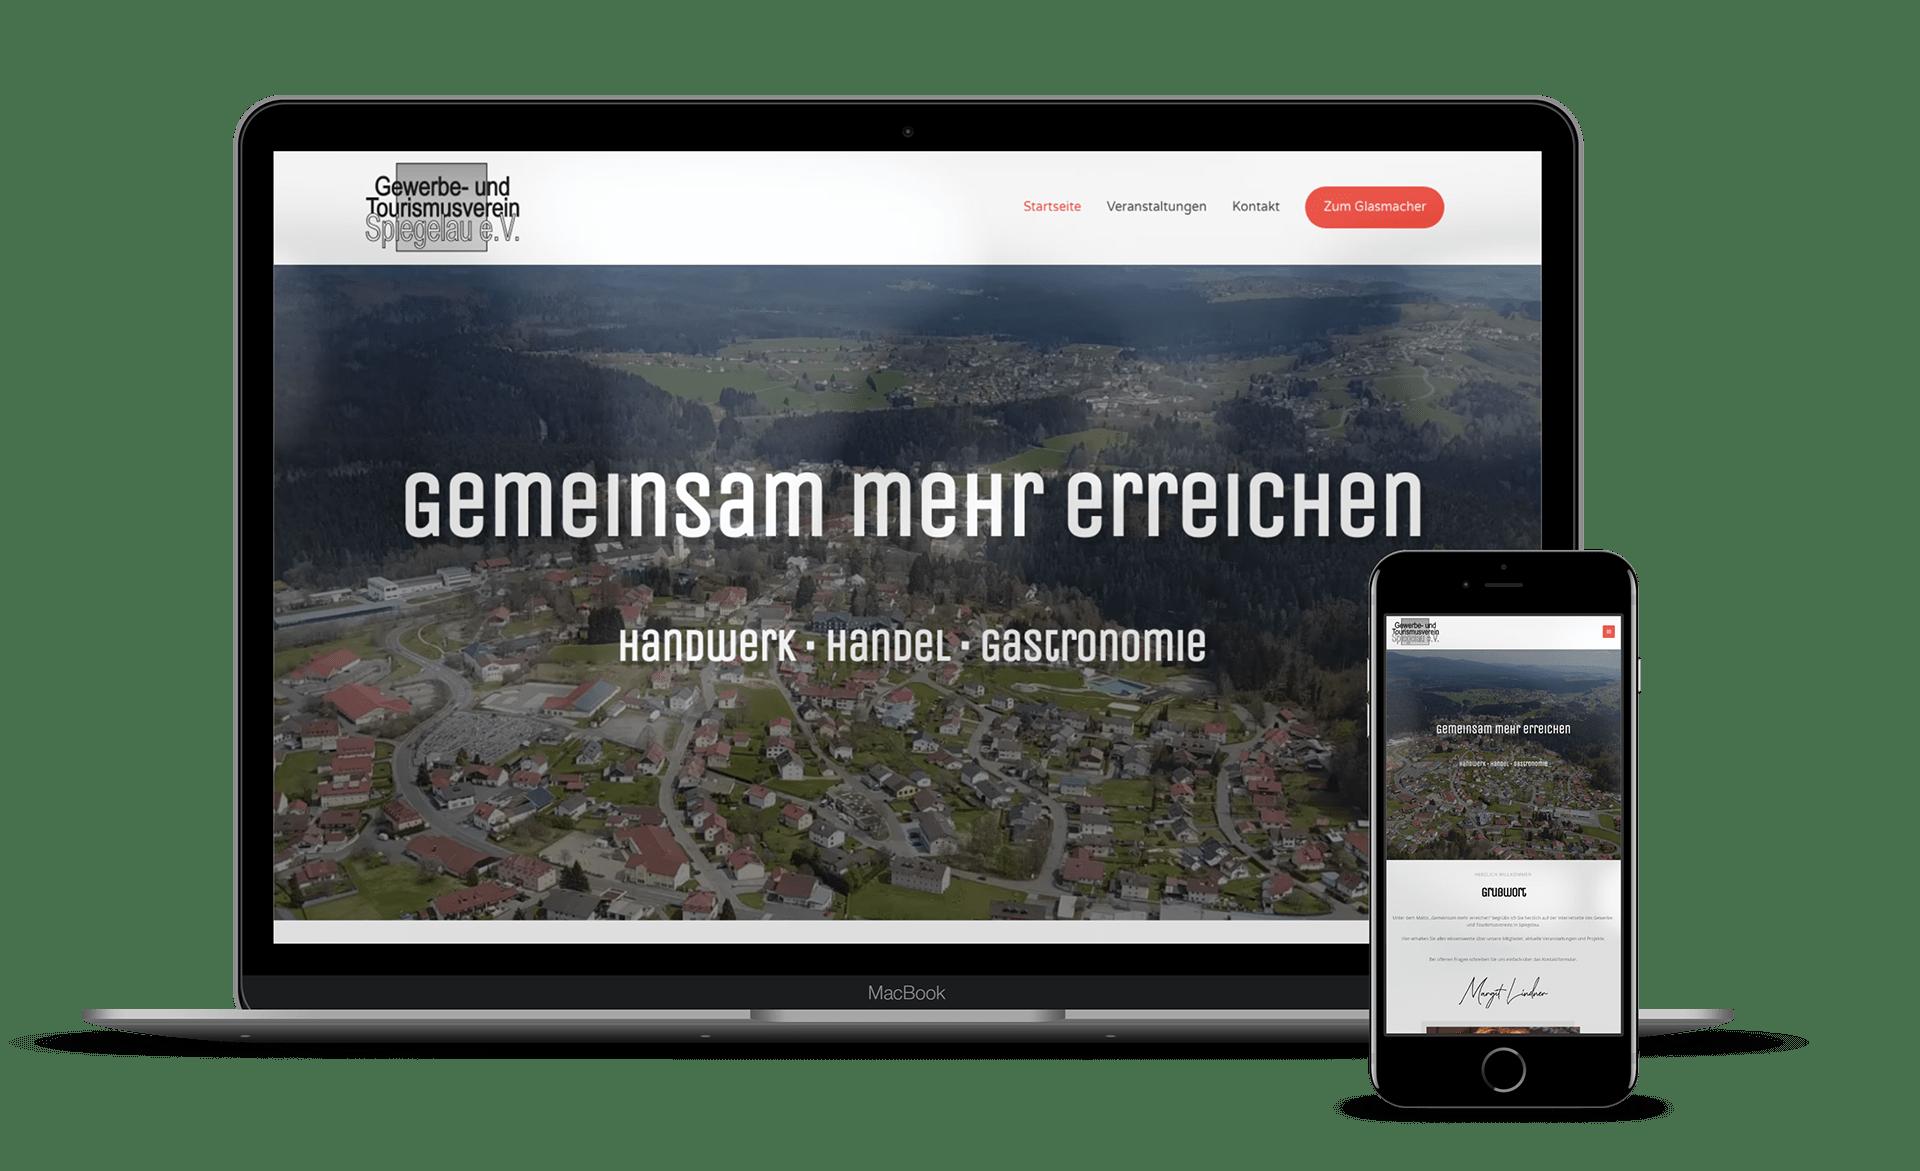 Malina Webdesign - Gewerbeverein Spiegelau Notebook